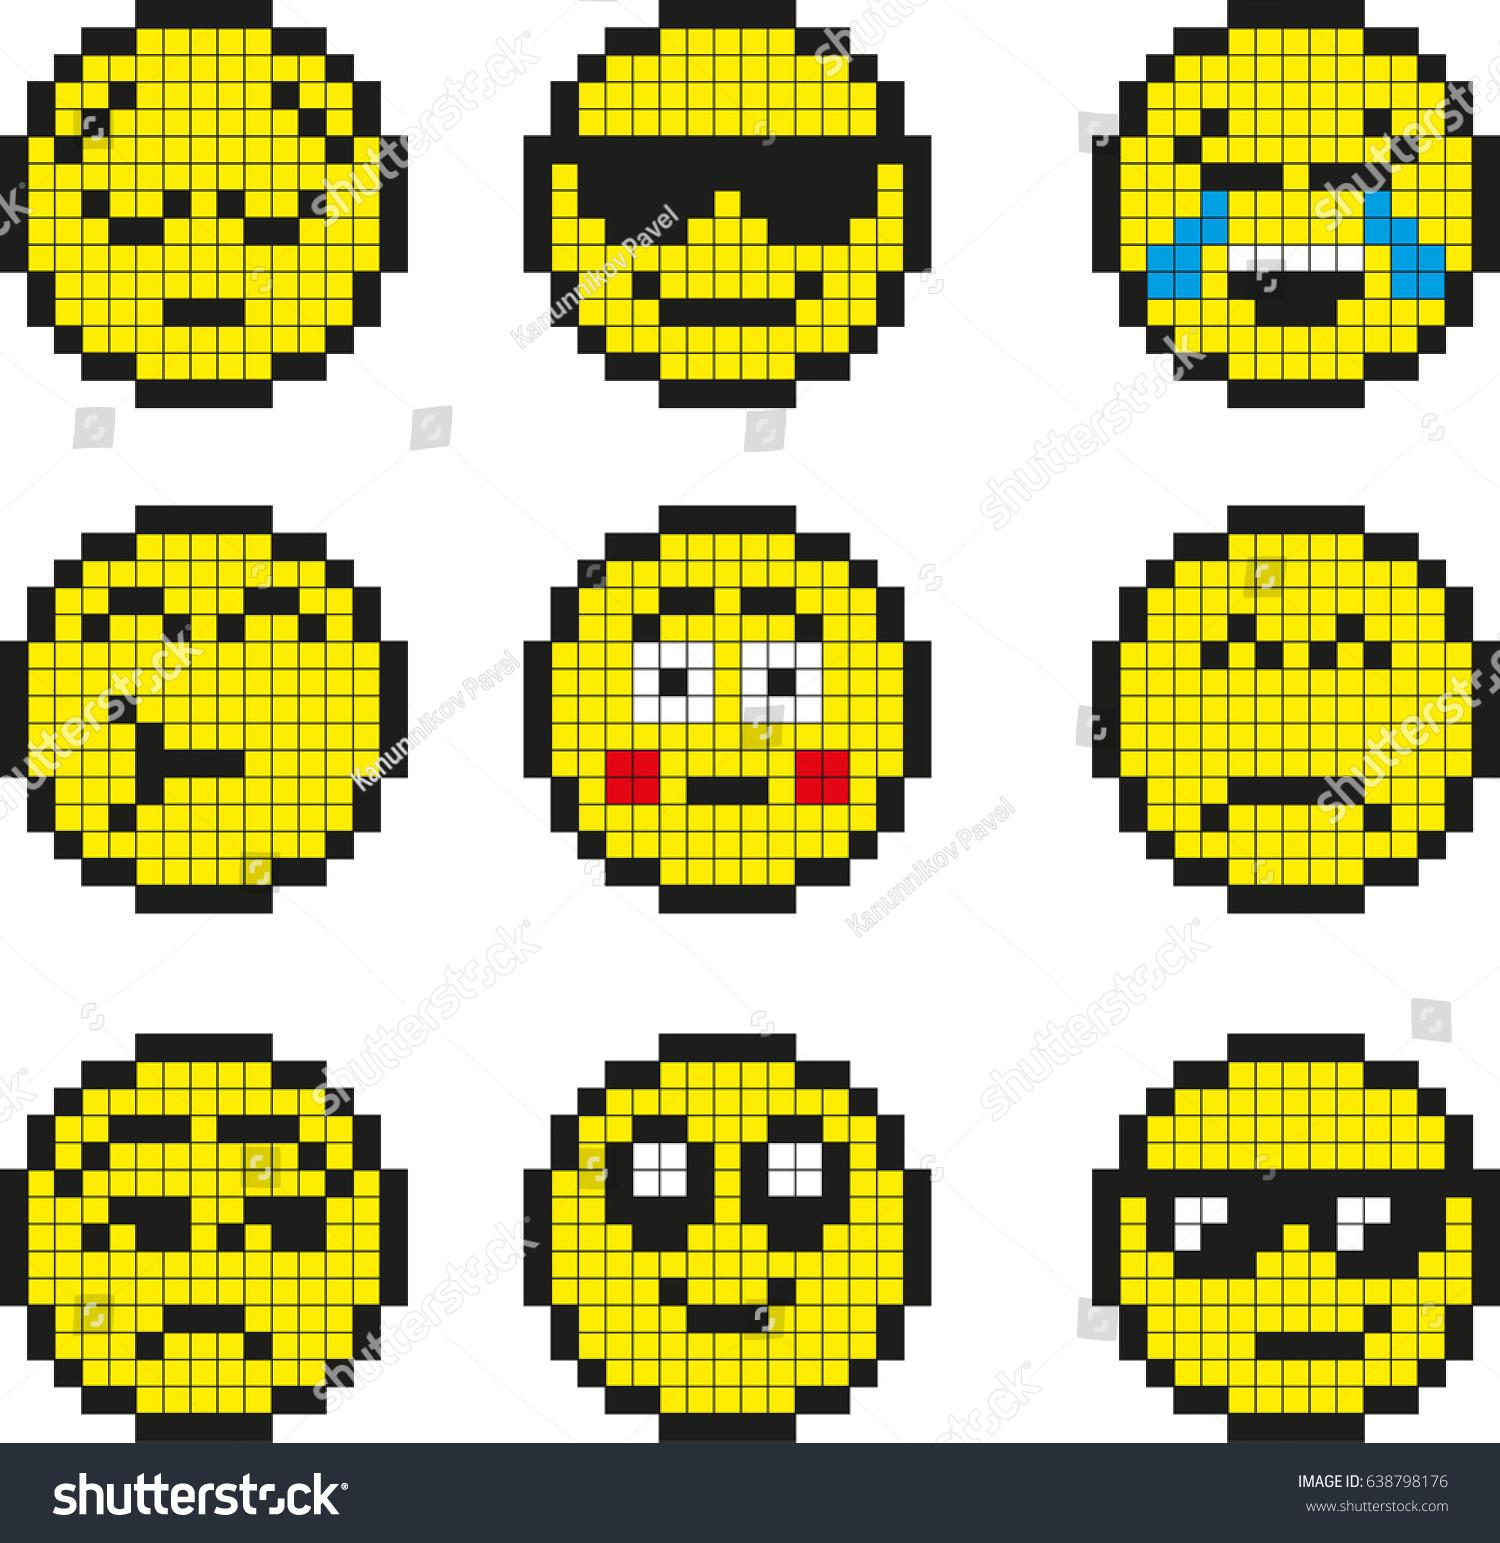 Image Vectorielle De Stock De Set Vector Pixel Smileys 638798176